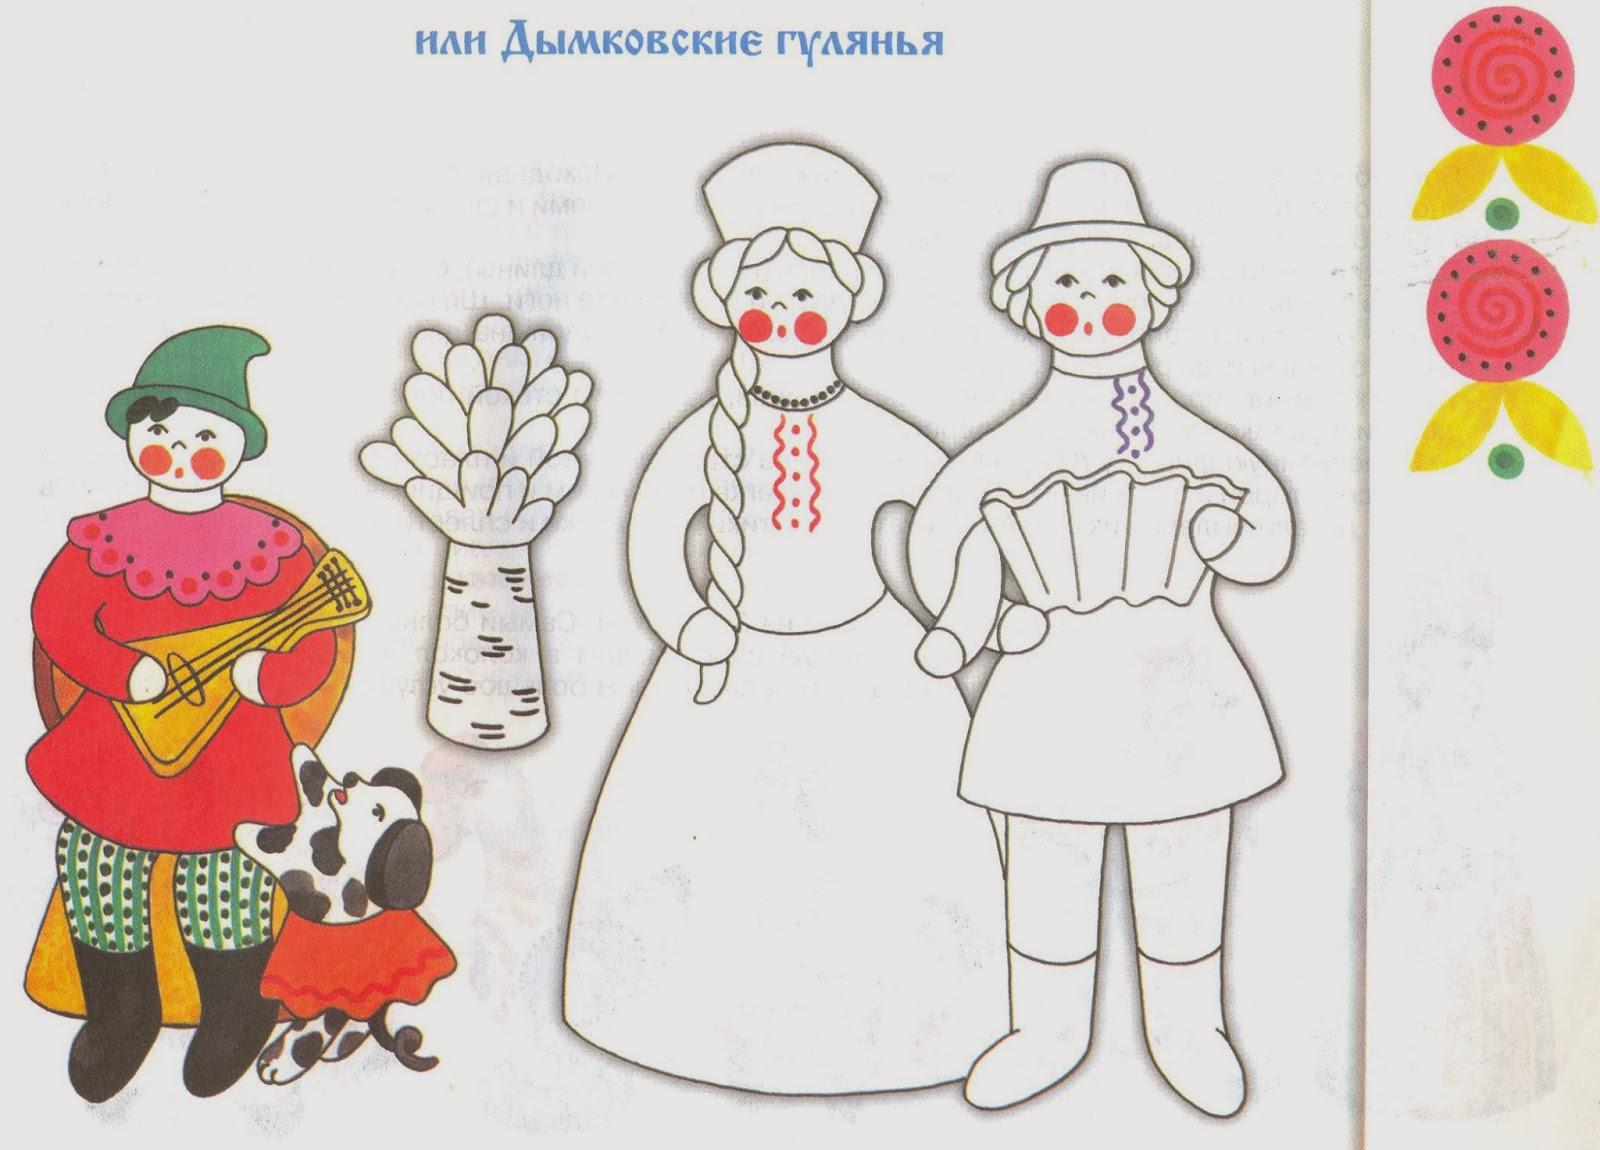 Дымковская игрушка шаблоны для рисования раскраска